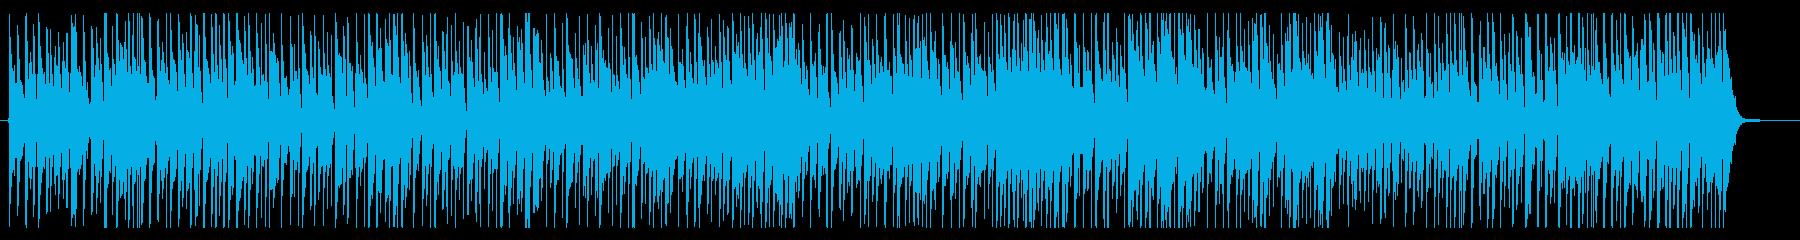 夏の青空をイメージしたポップスの再生済みの波形